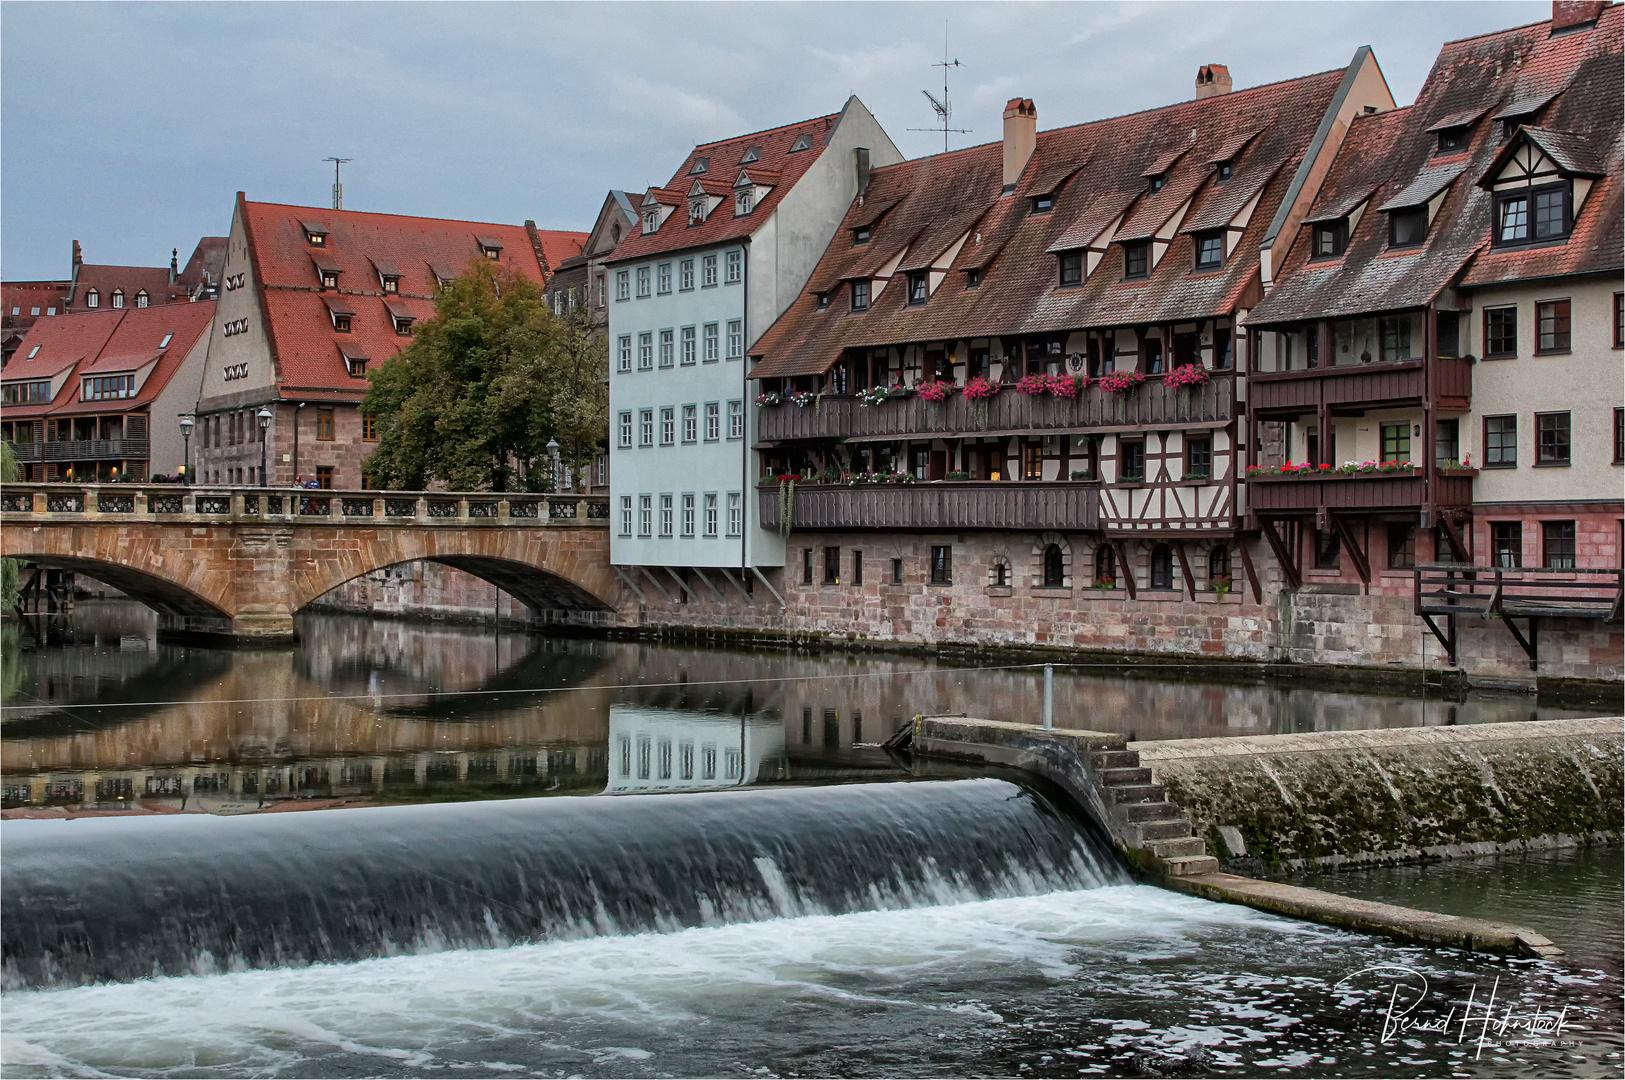 Fluss Bei Nürnberg